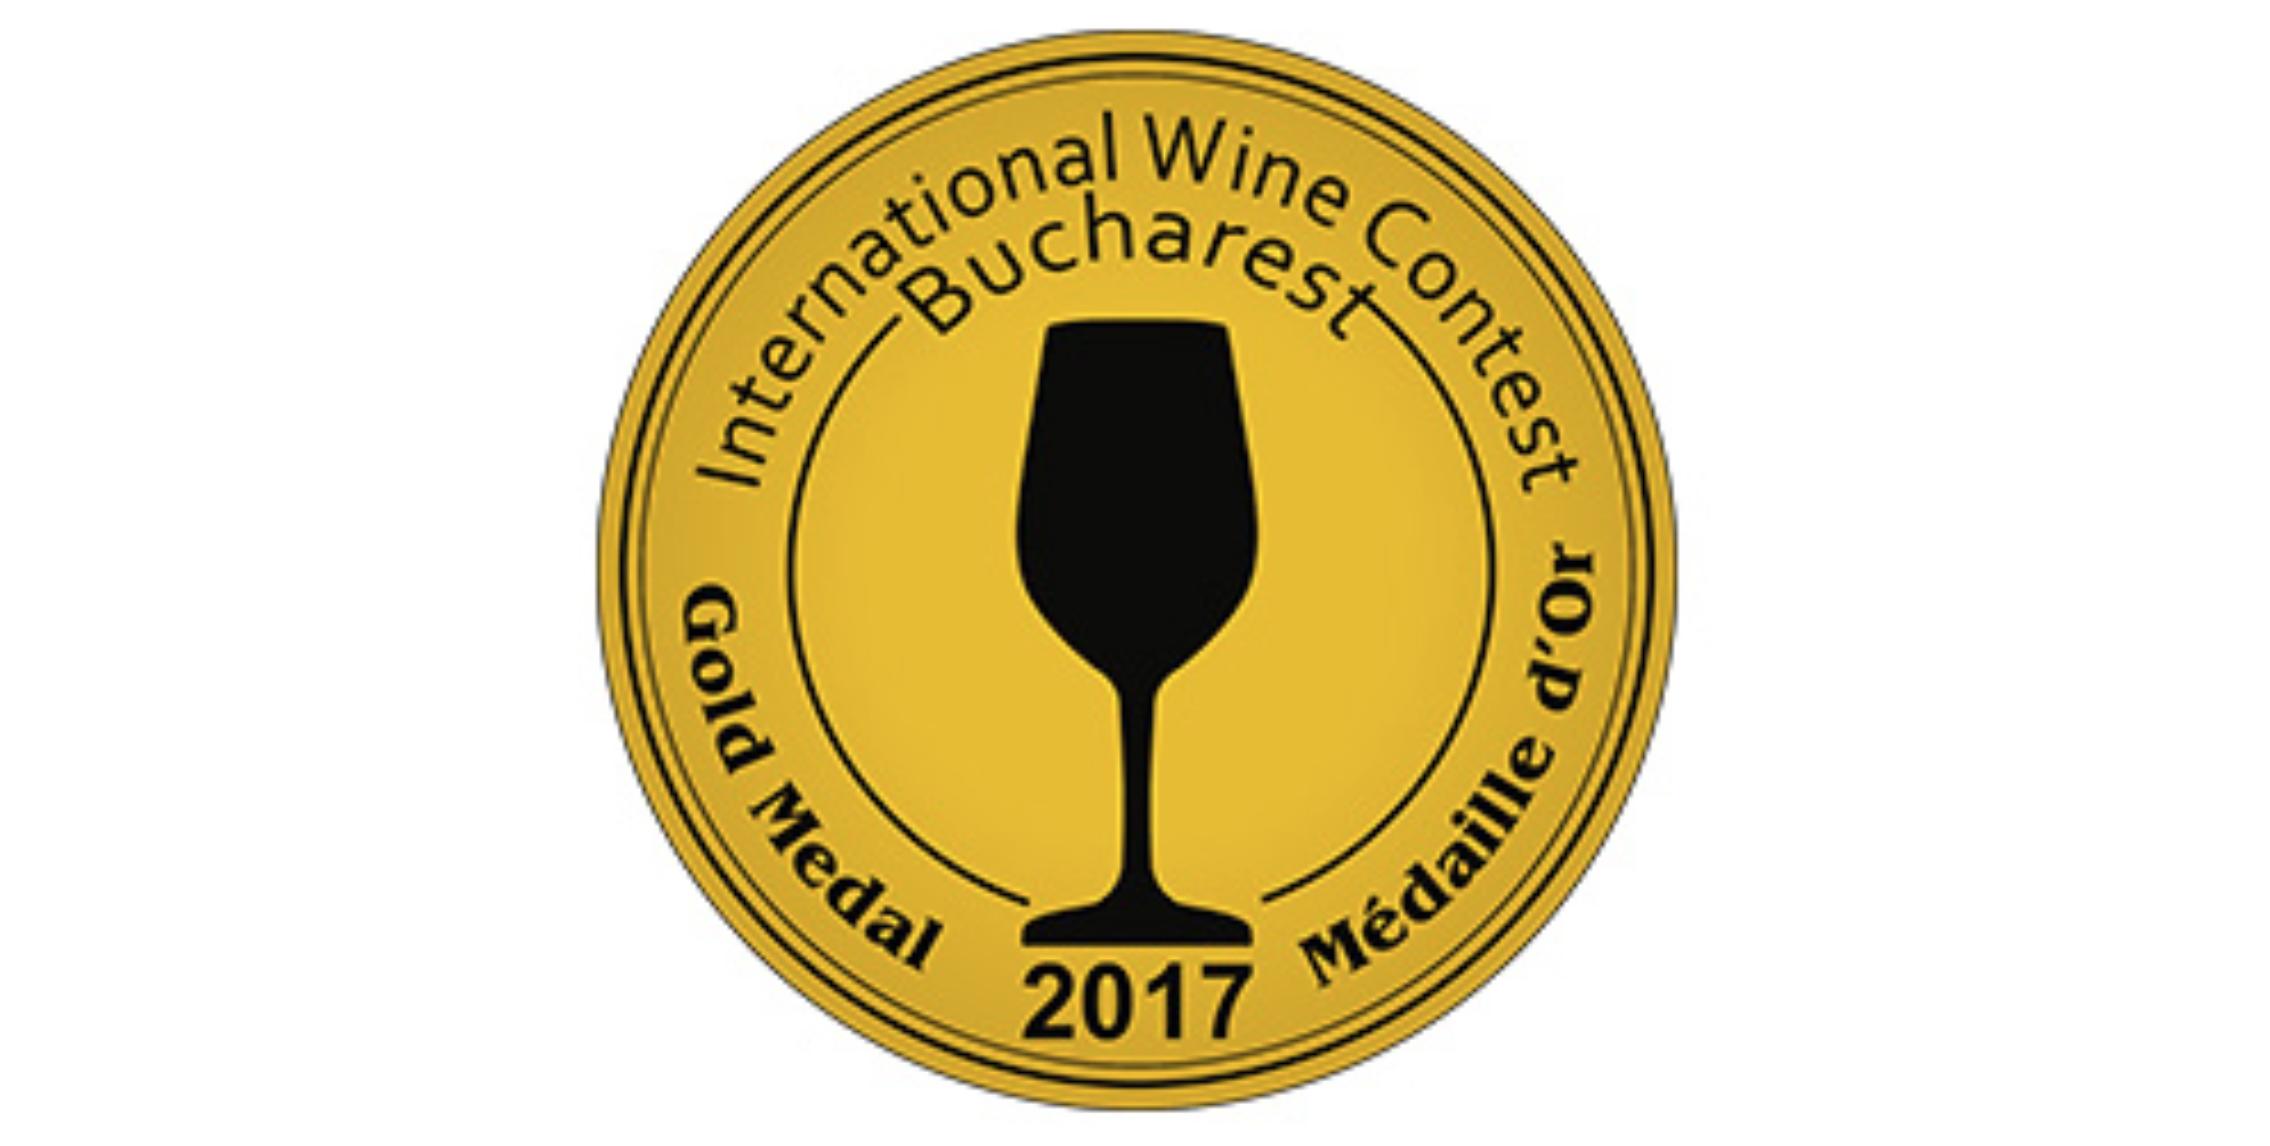 International Wine Challenge Bucharest 2017 - Gold Medal Amarone della Valpolicella Classico DOCG 2010